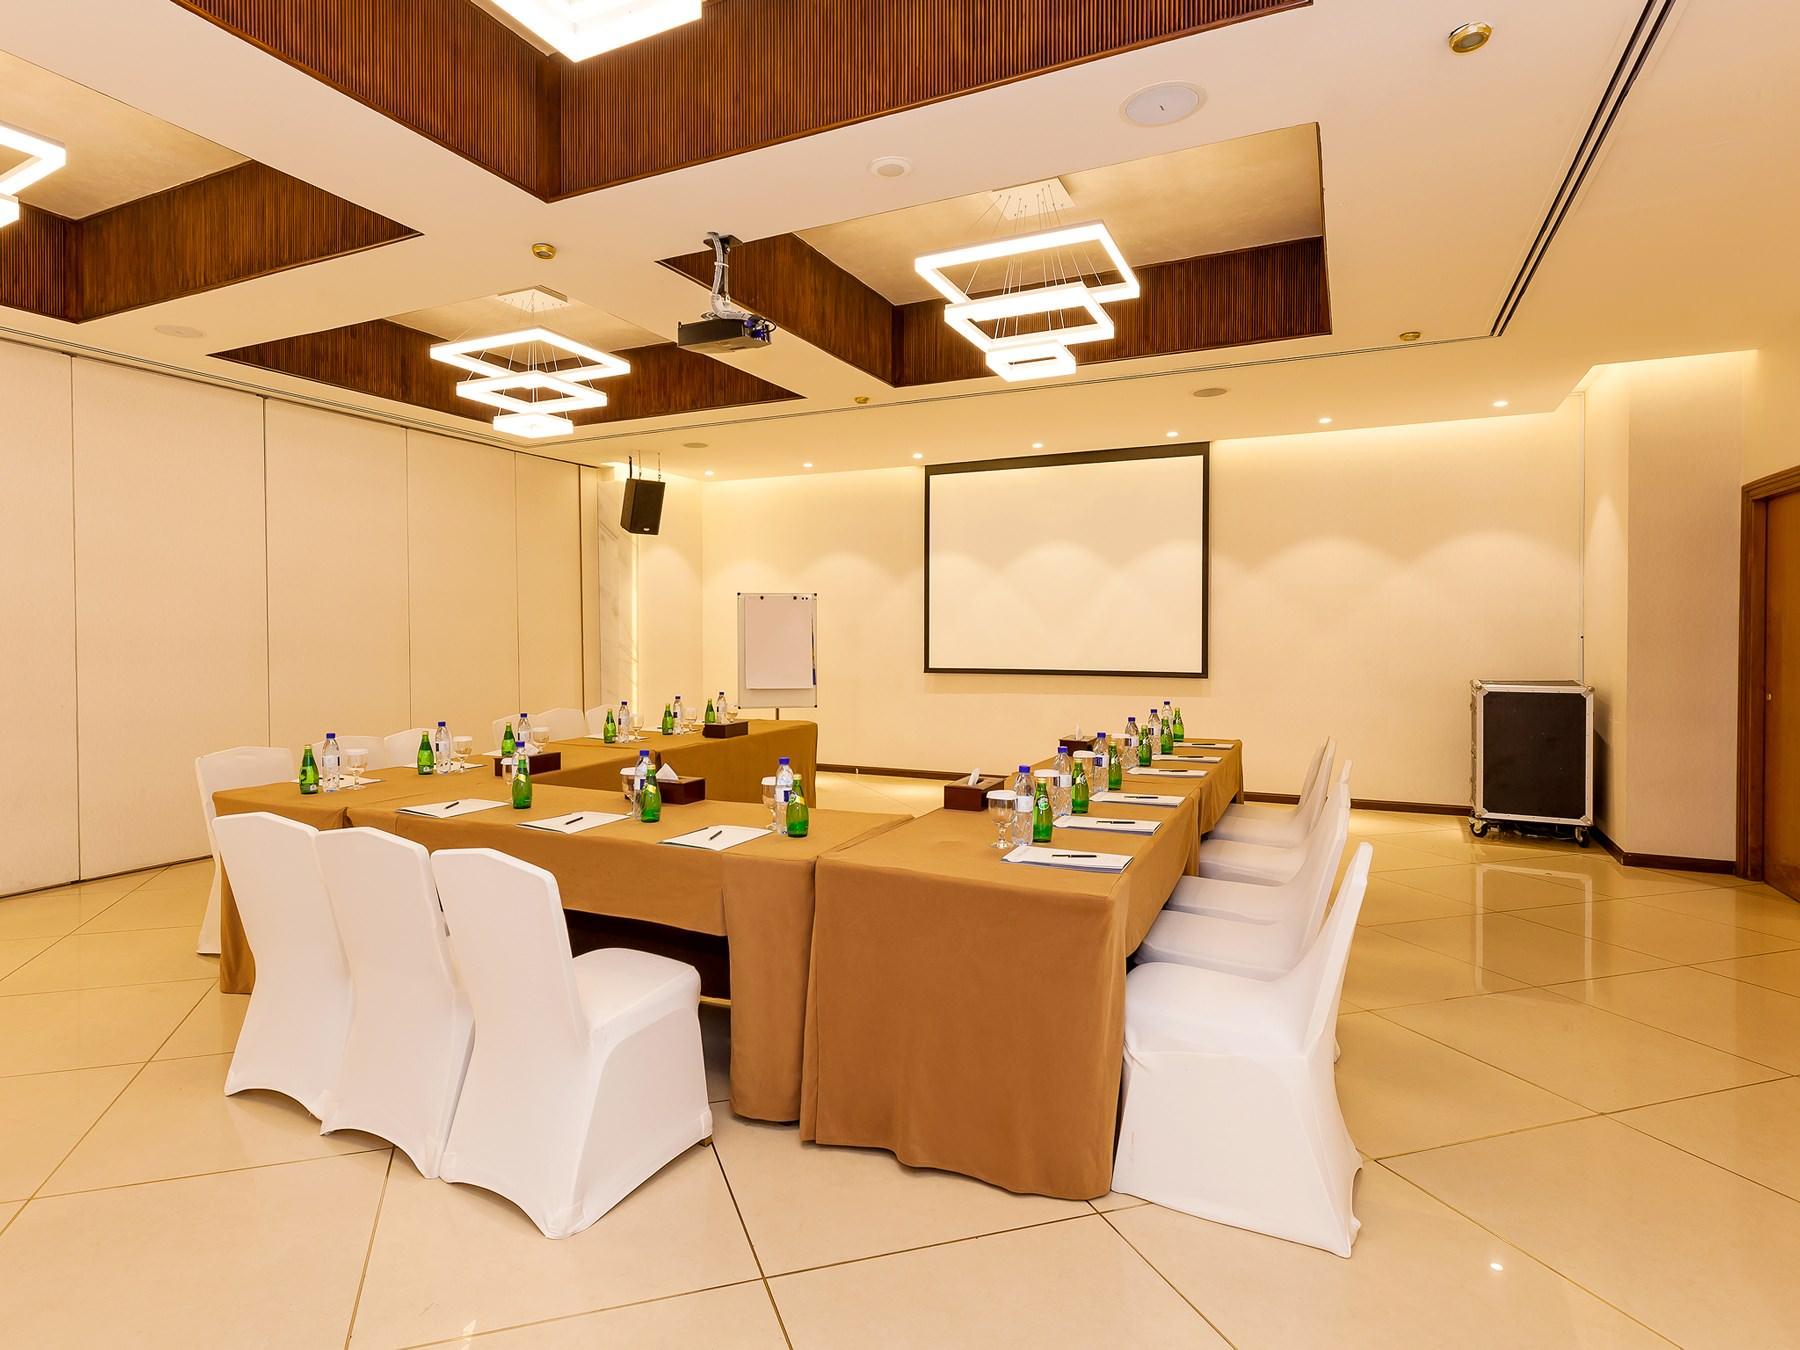 Al Umara Ballroom